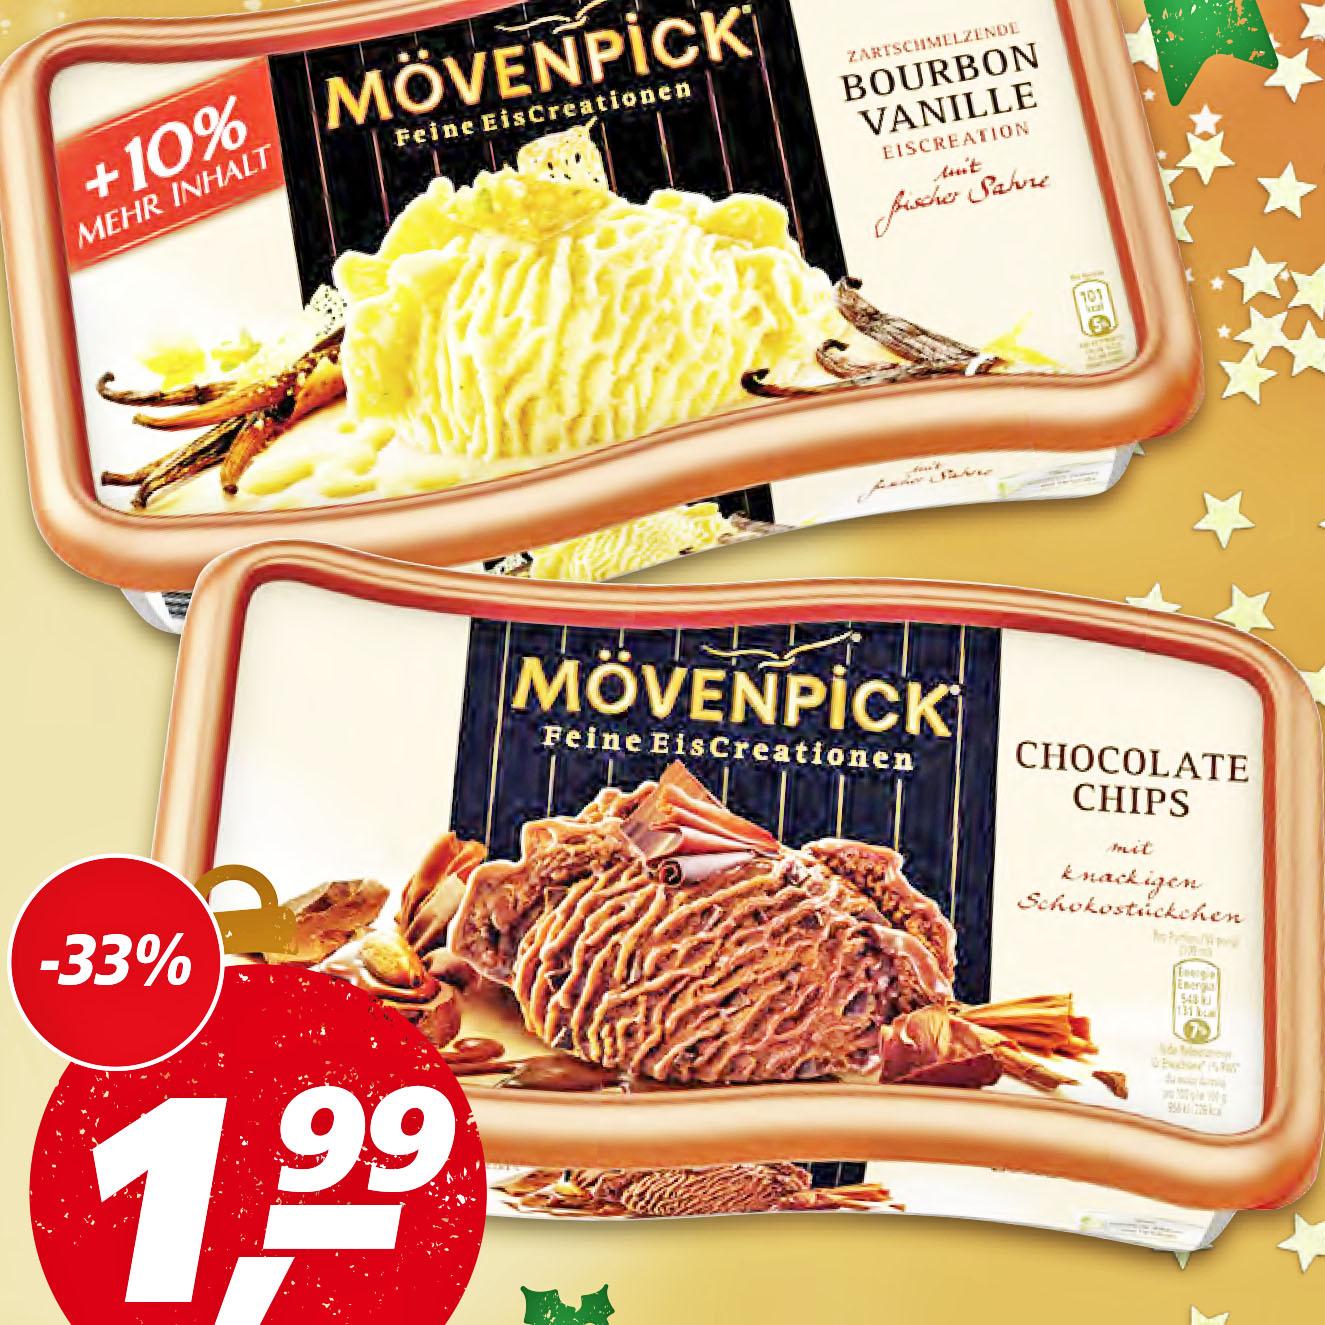 Lecker Mövenpick Eis +10% UND 1,00€ Cashback ab Montag für dann nur 0,99€ bei [Real]